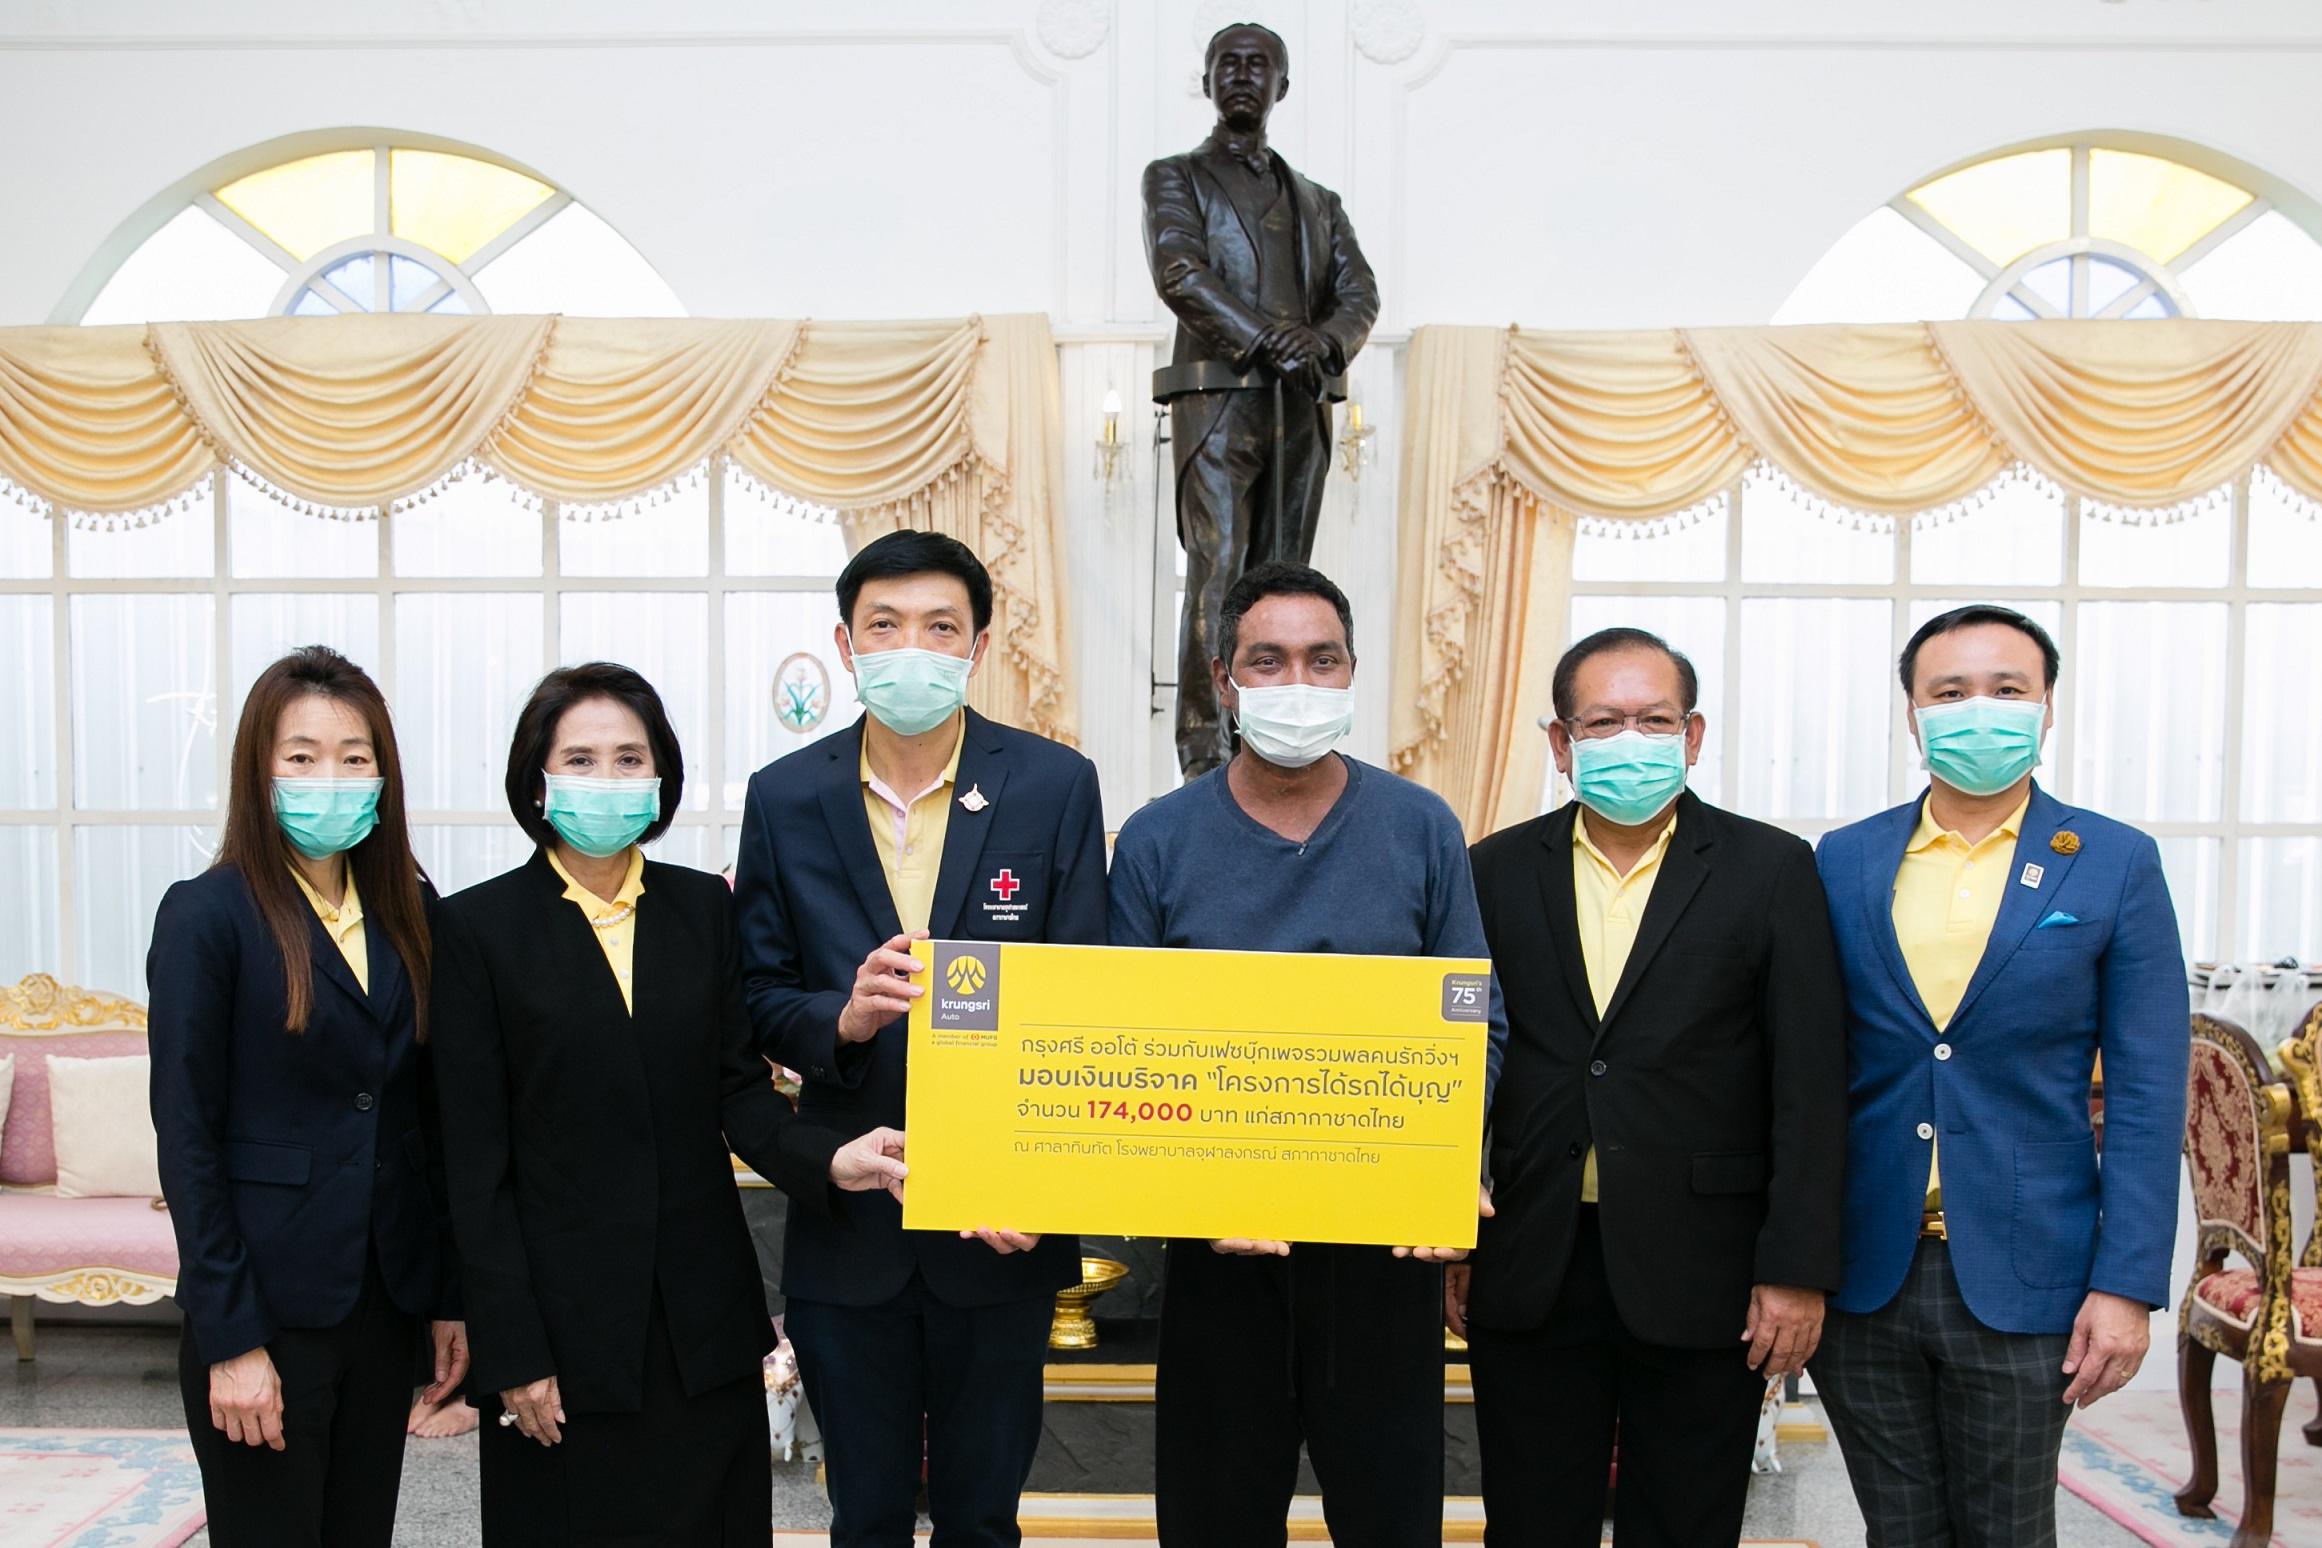 """""""กรุงศรี ออโต้"""" ร่วมกับ เพจ """"รวมพลคนรักวิ่งฯ"""" มอบเงินสมทบทุนจัดซื้อเครื่องมือแพทย์แก่สภากาชาดไทย"""